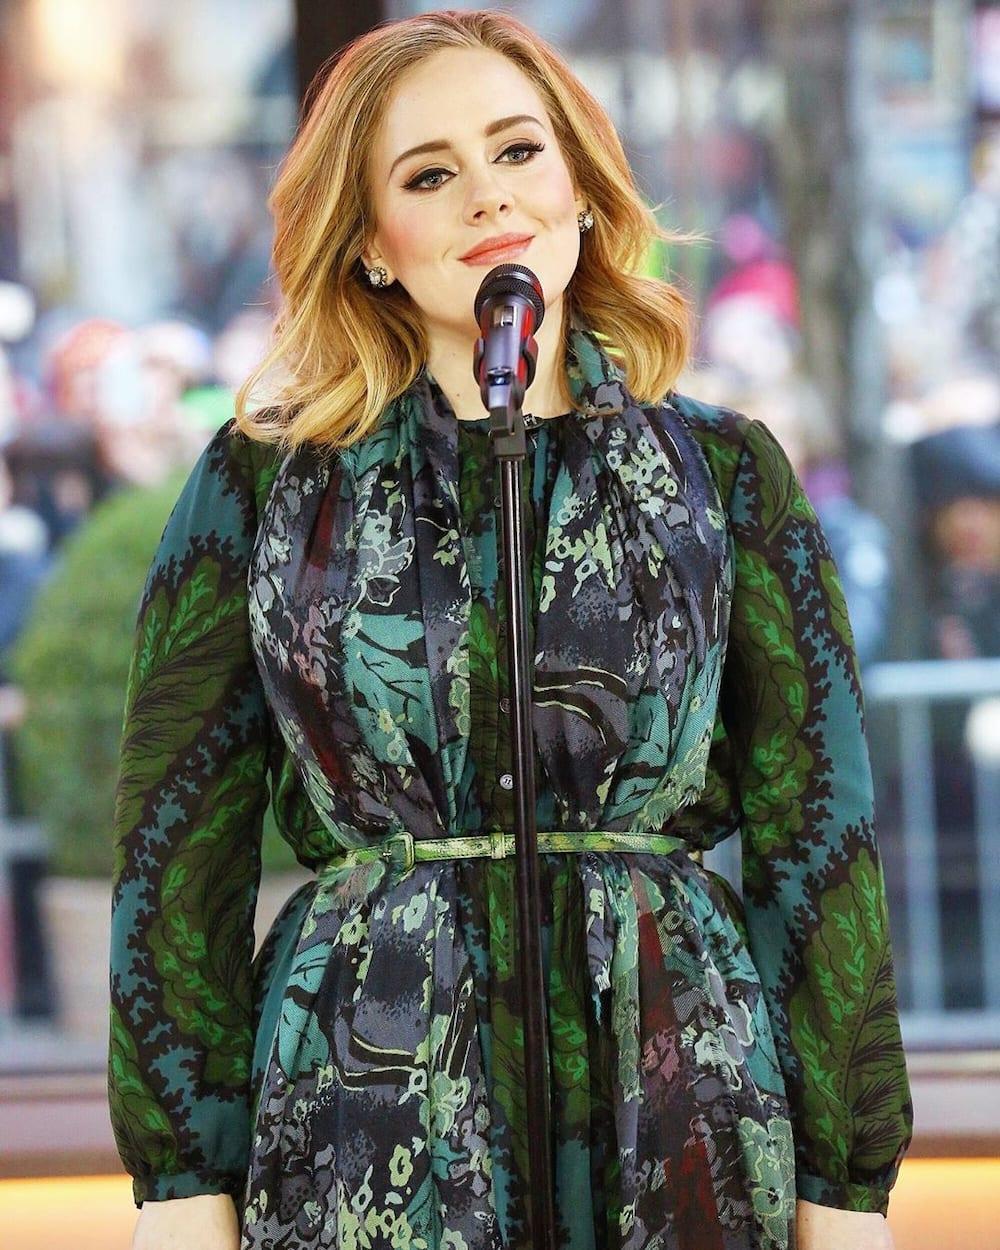 Adele trends on social media over assumed album release #frenzy